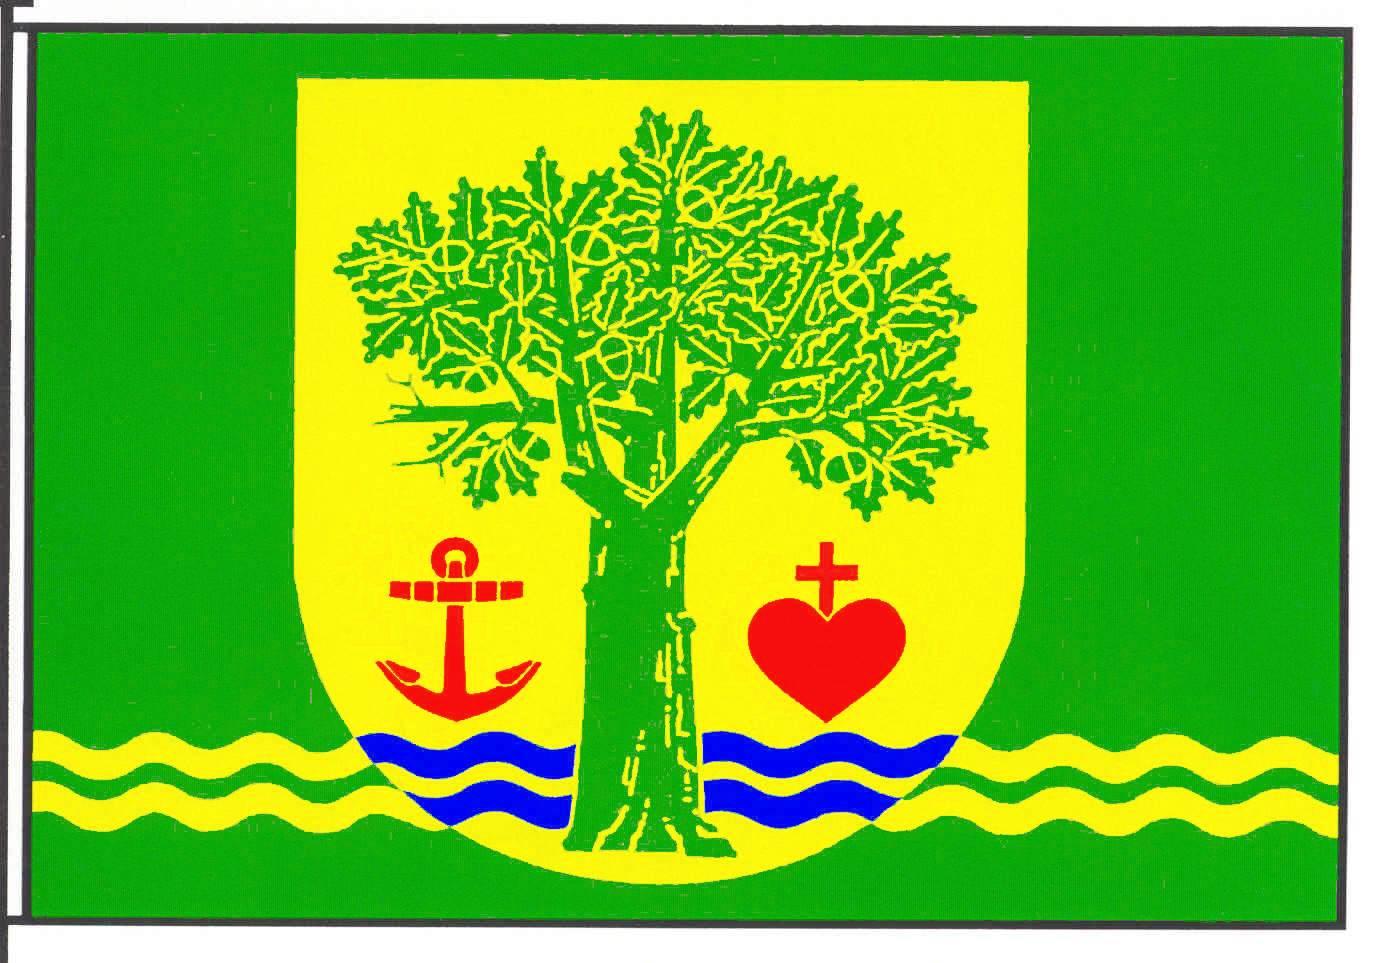 Flagge GemeindeLankau, Kreis Herzogtum Lauenburg